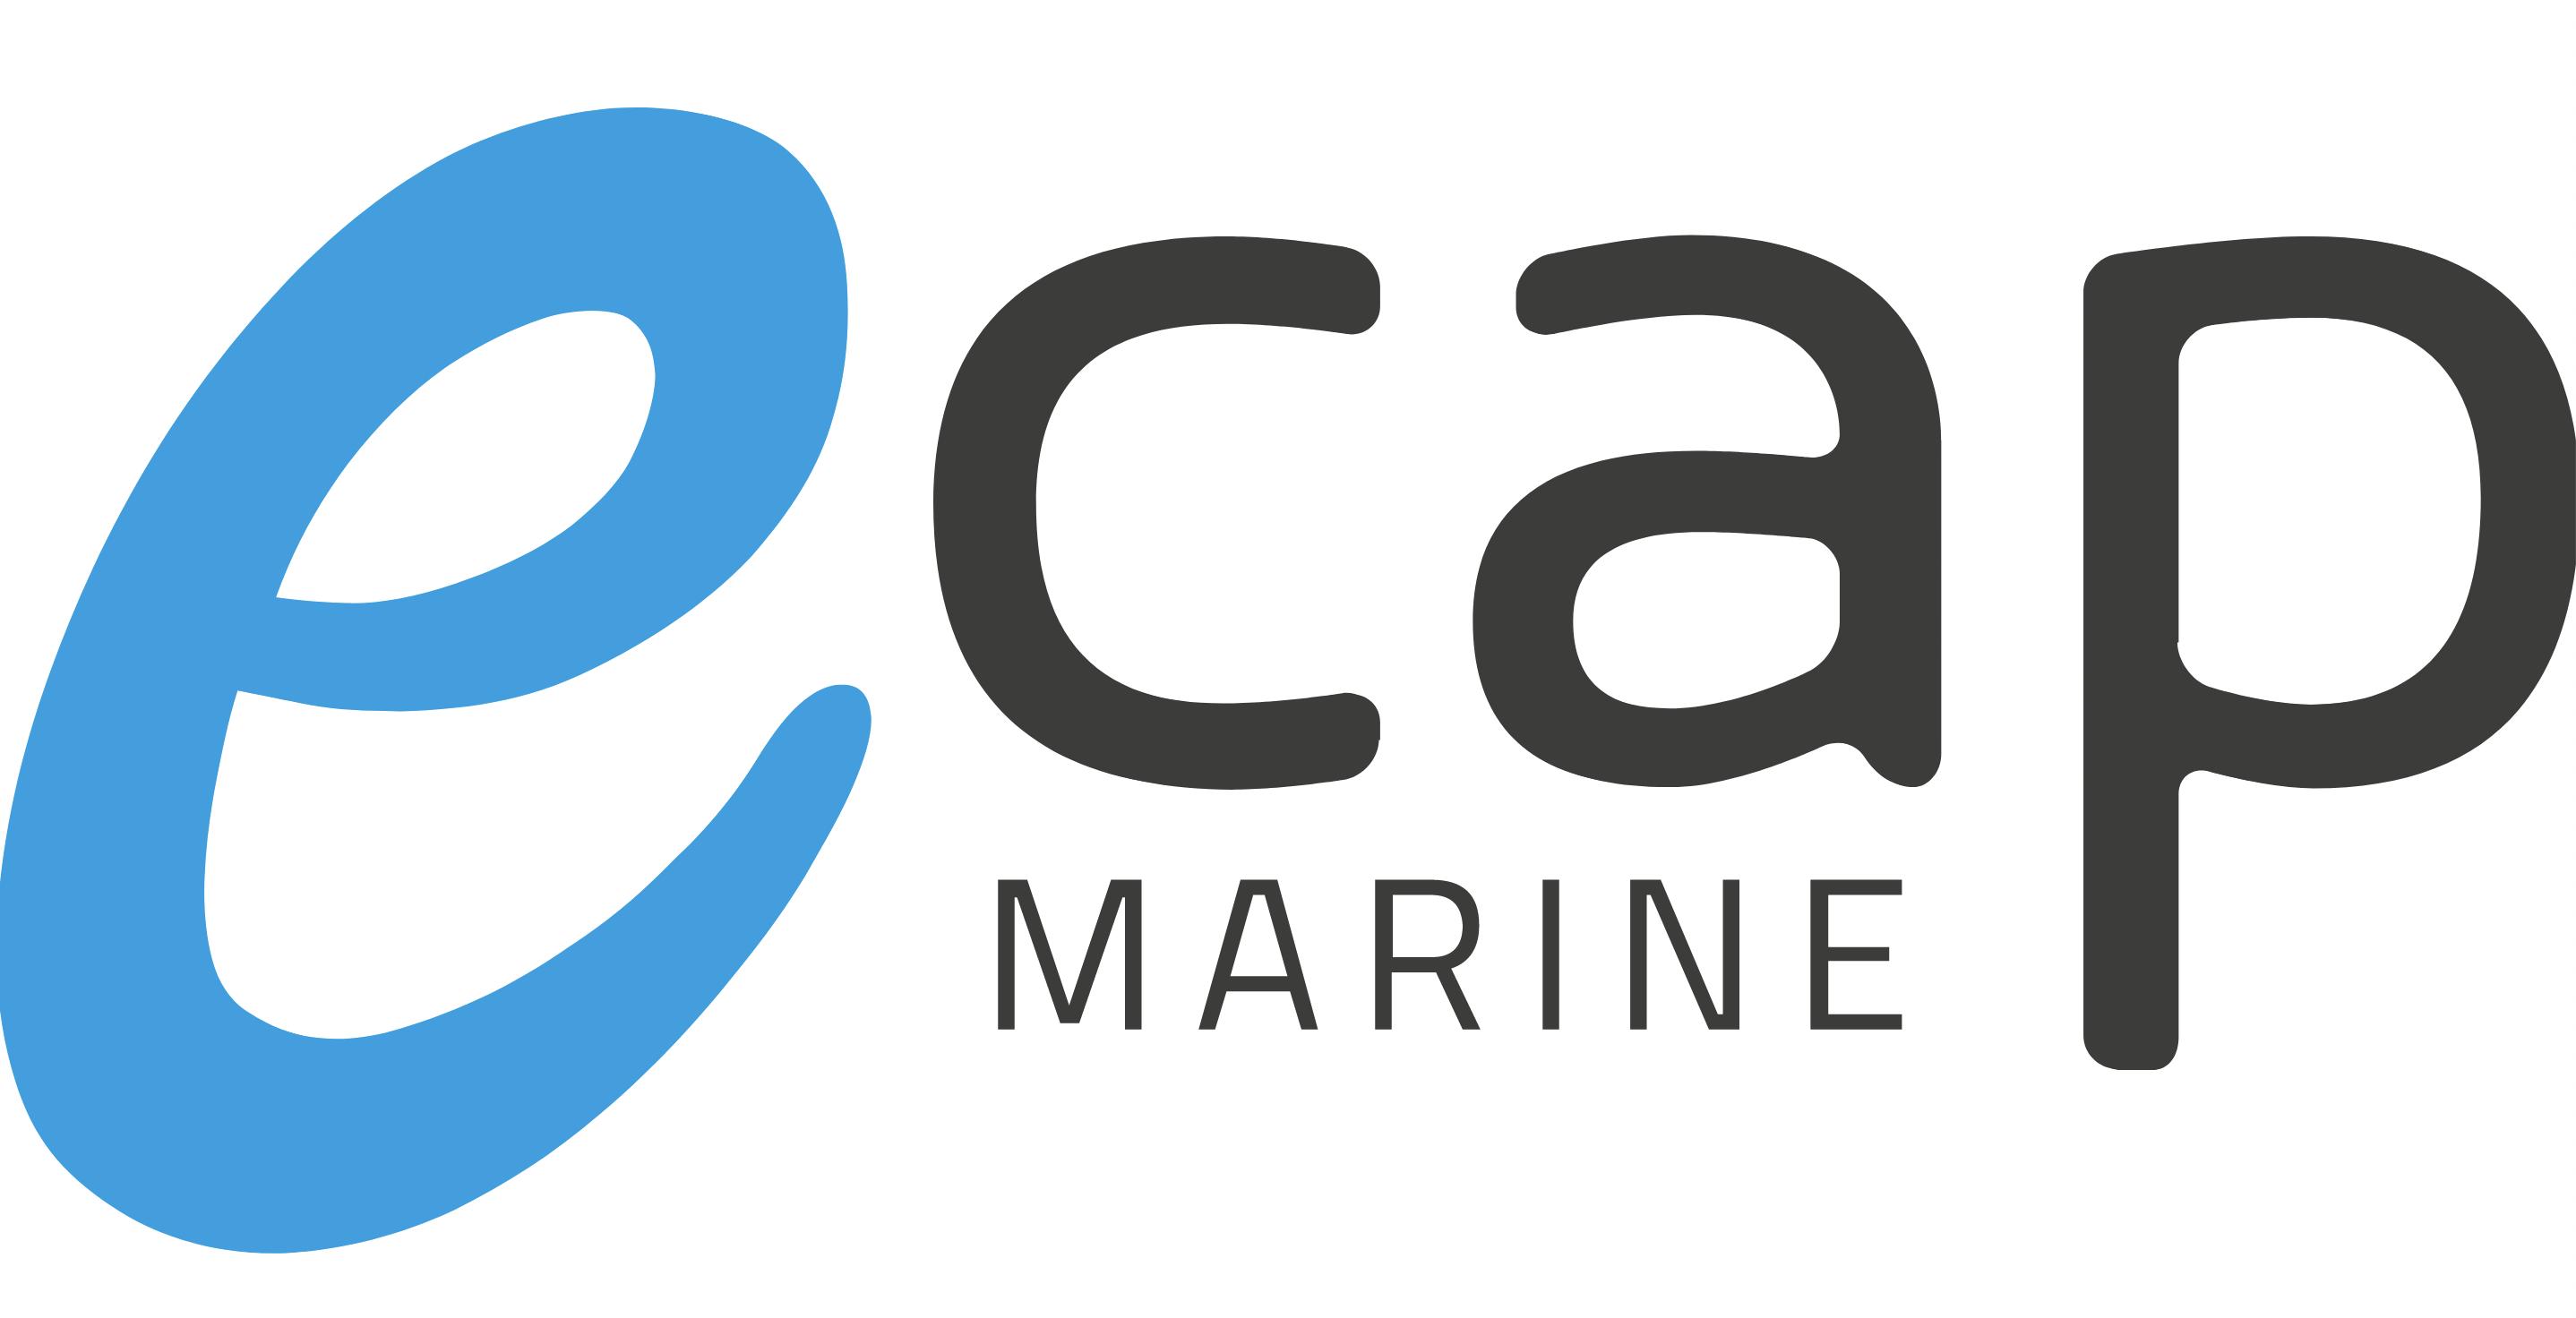 eCap Marine